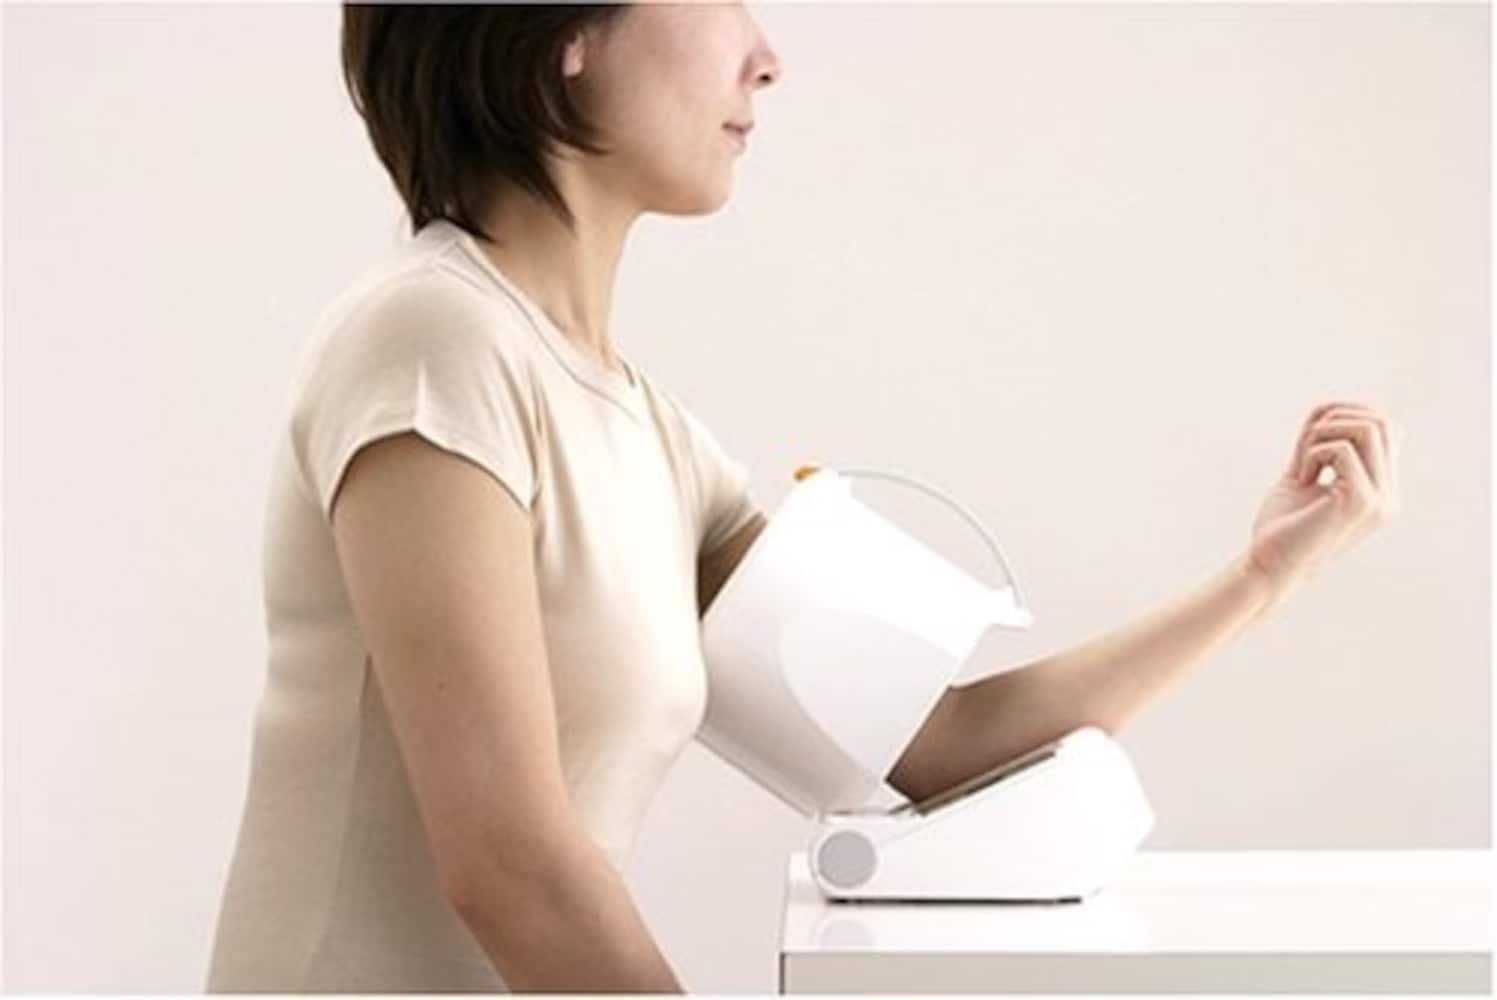 アーム式は腕を通すだけの簡単仕様!より正確な測定が可能